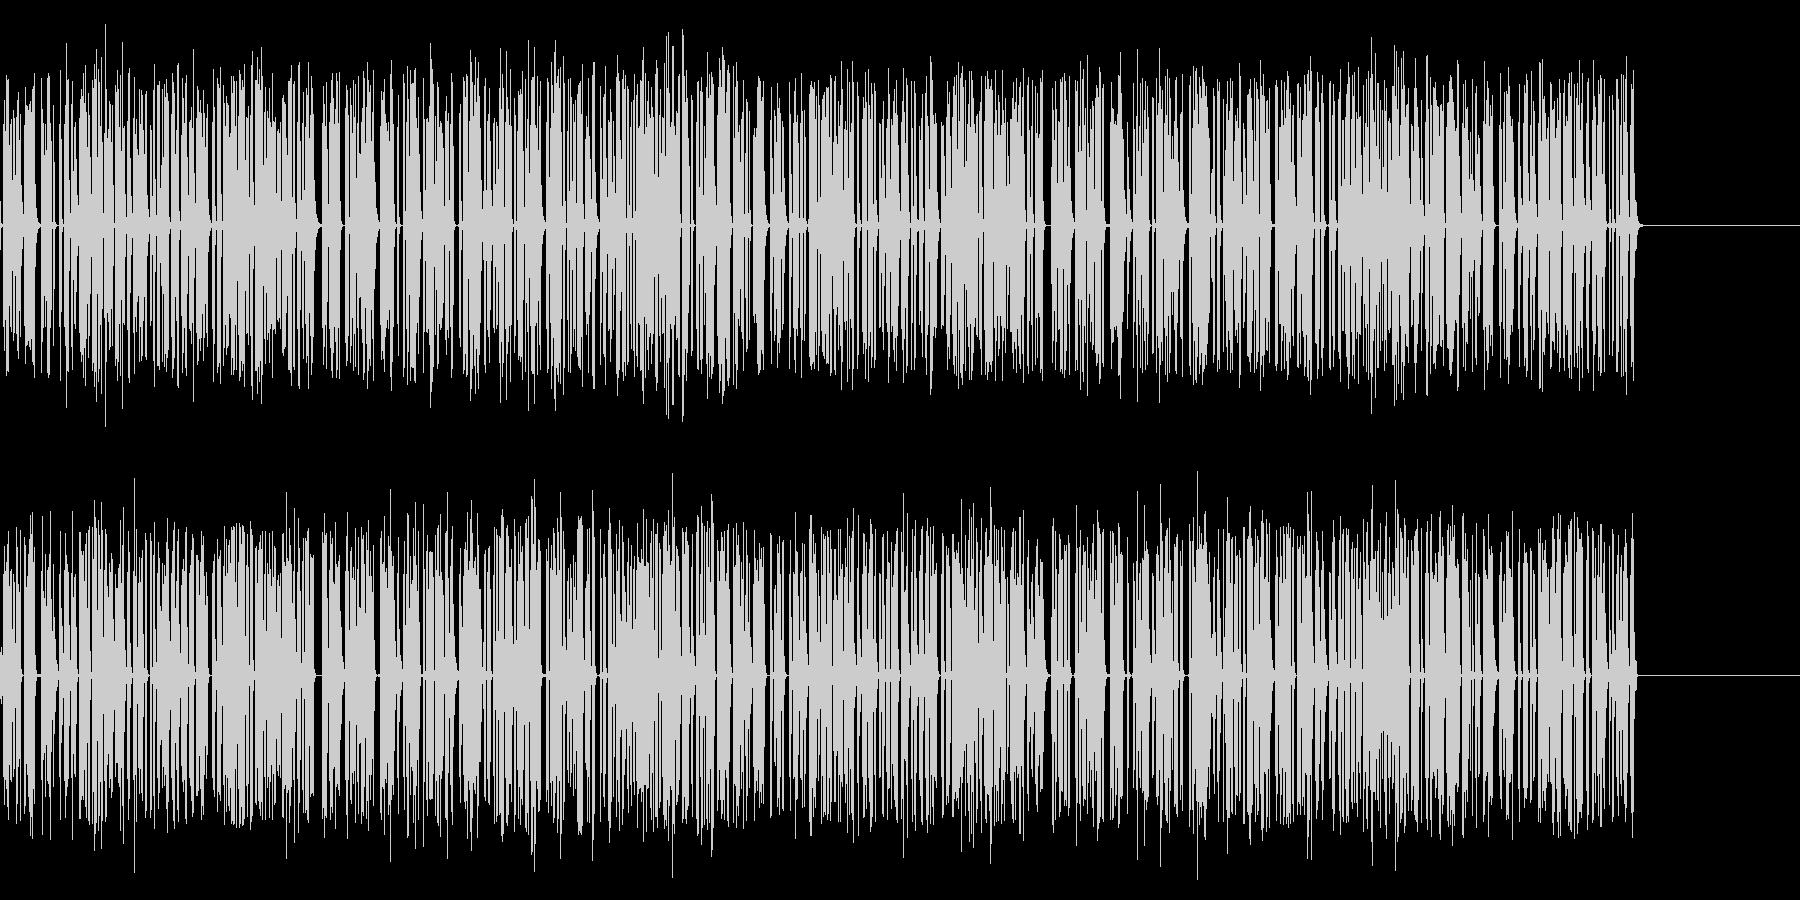 ジリジリジリ…古い放射能測定器の音の未再生の波形